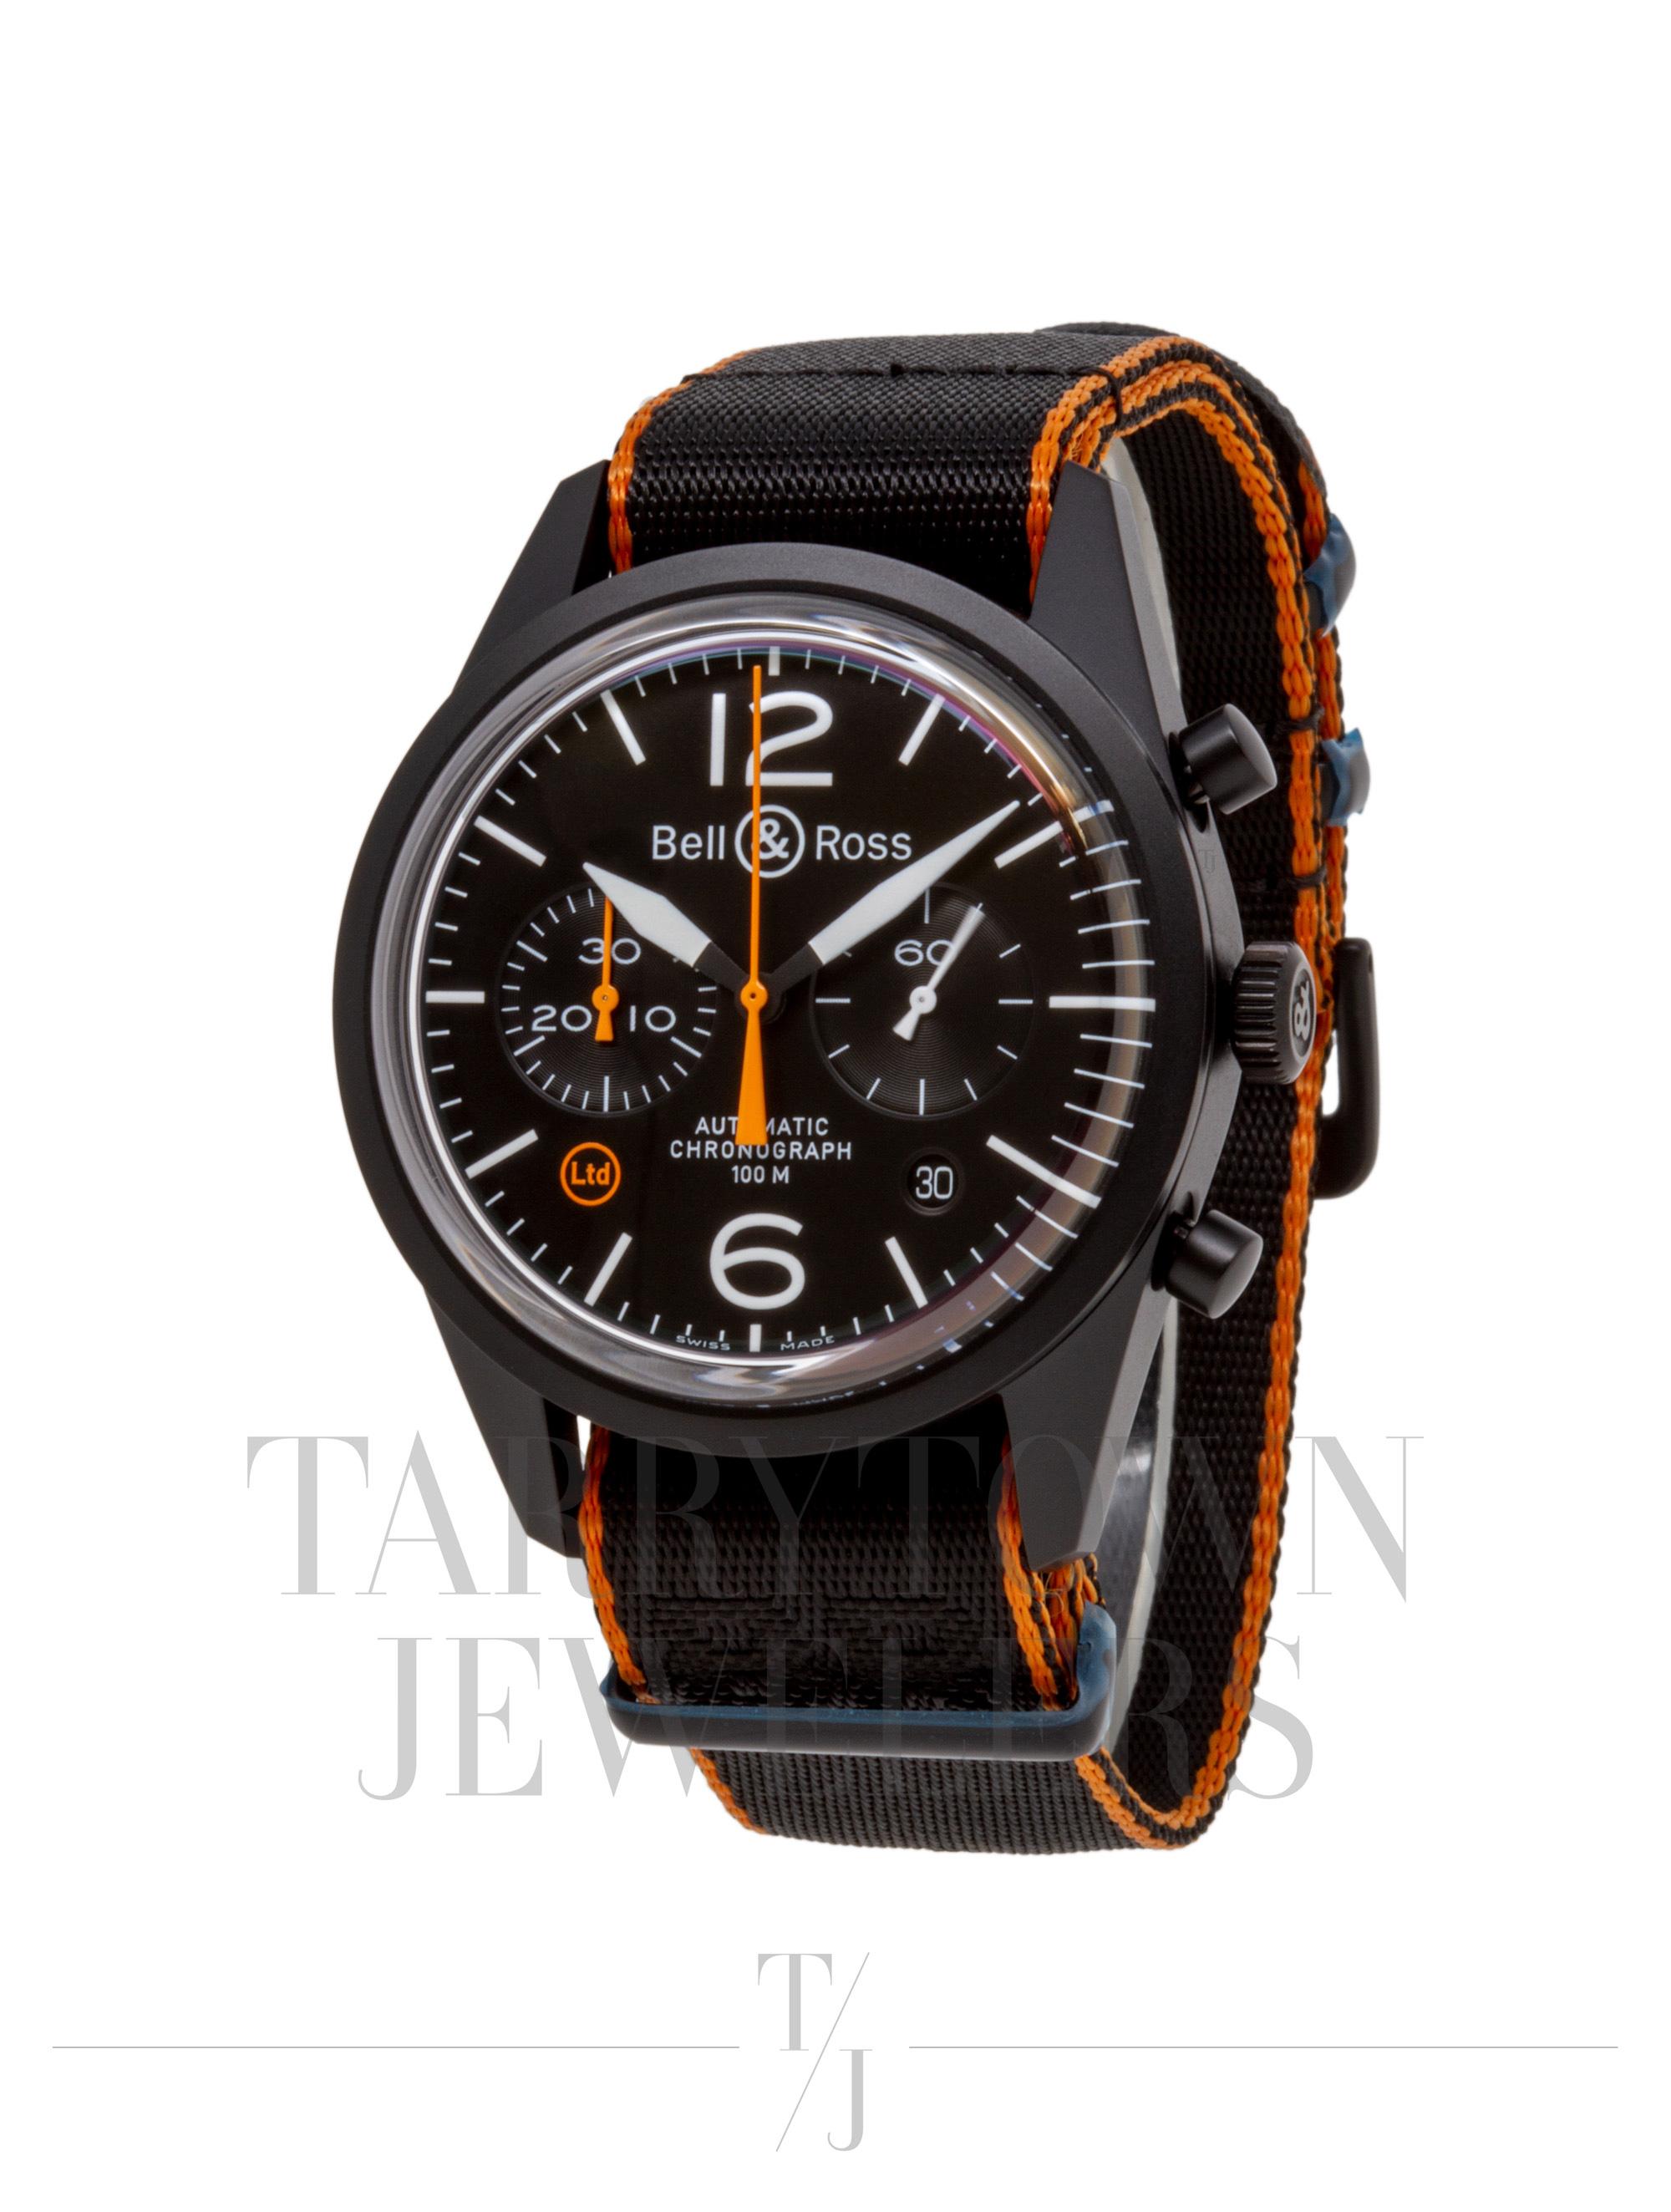 Bell & Ross BR126 Carbon Orange